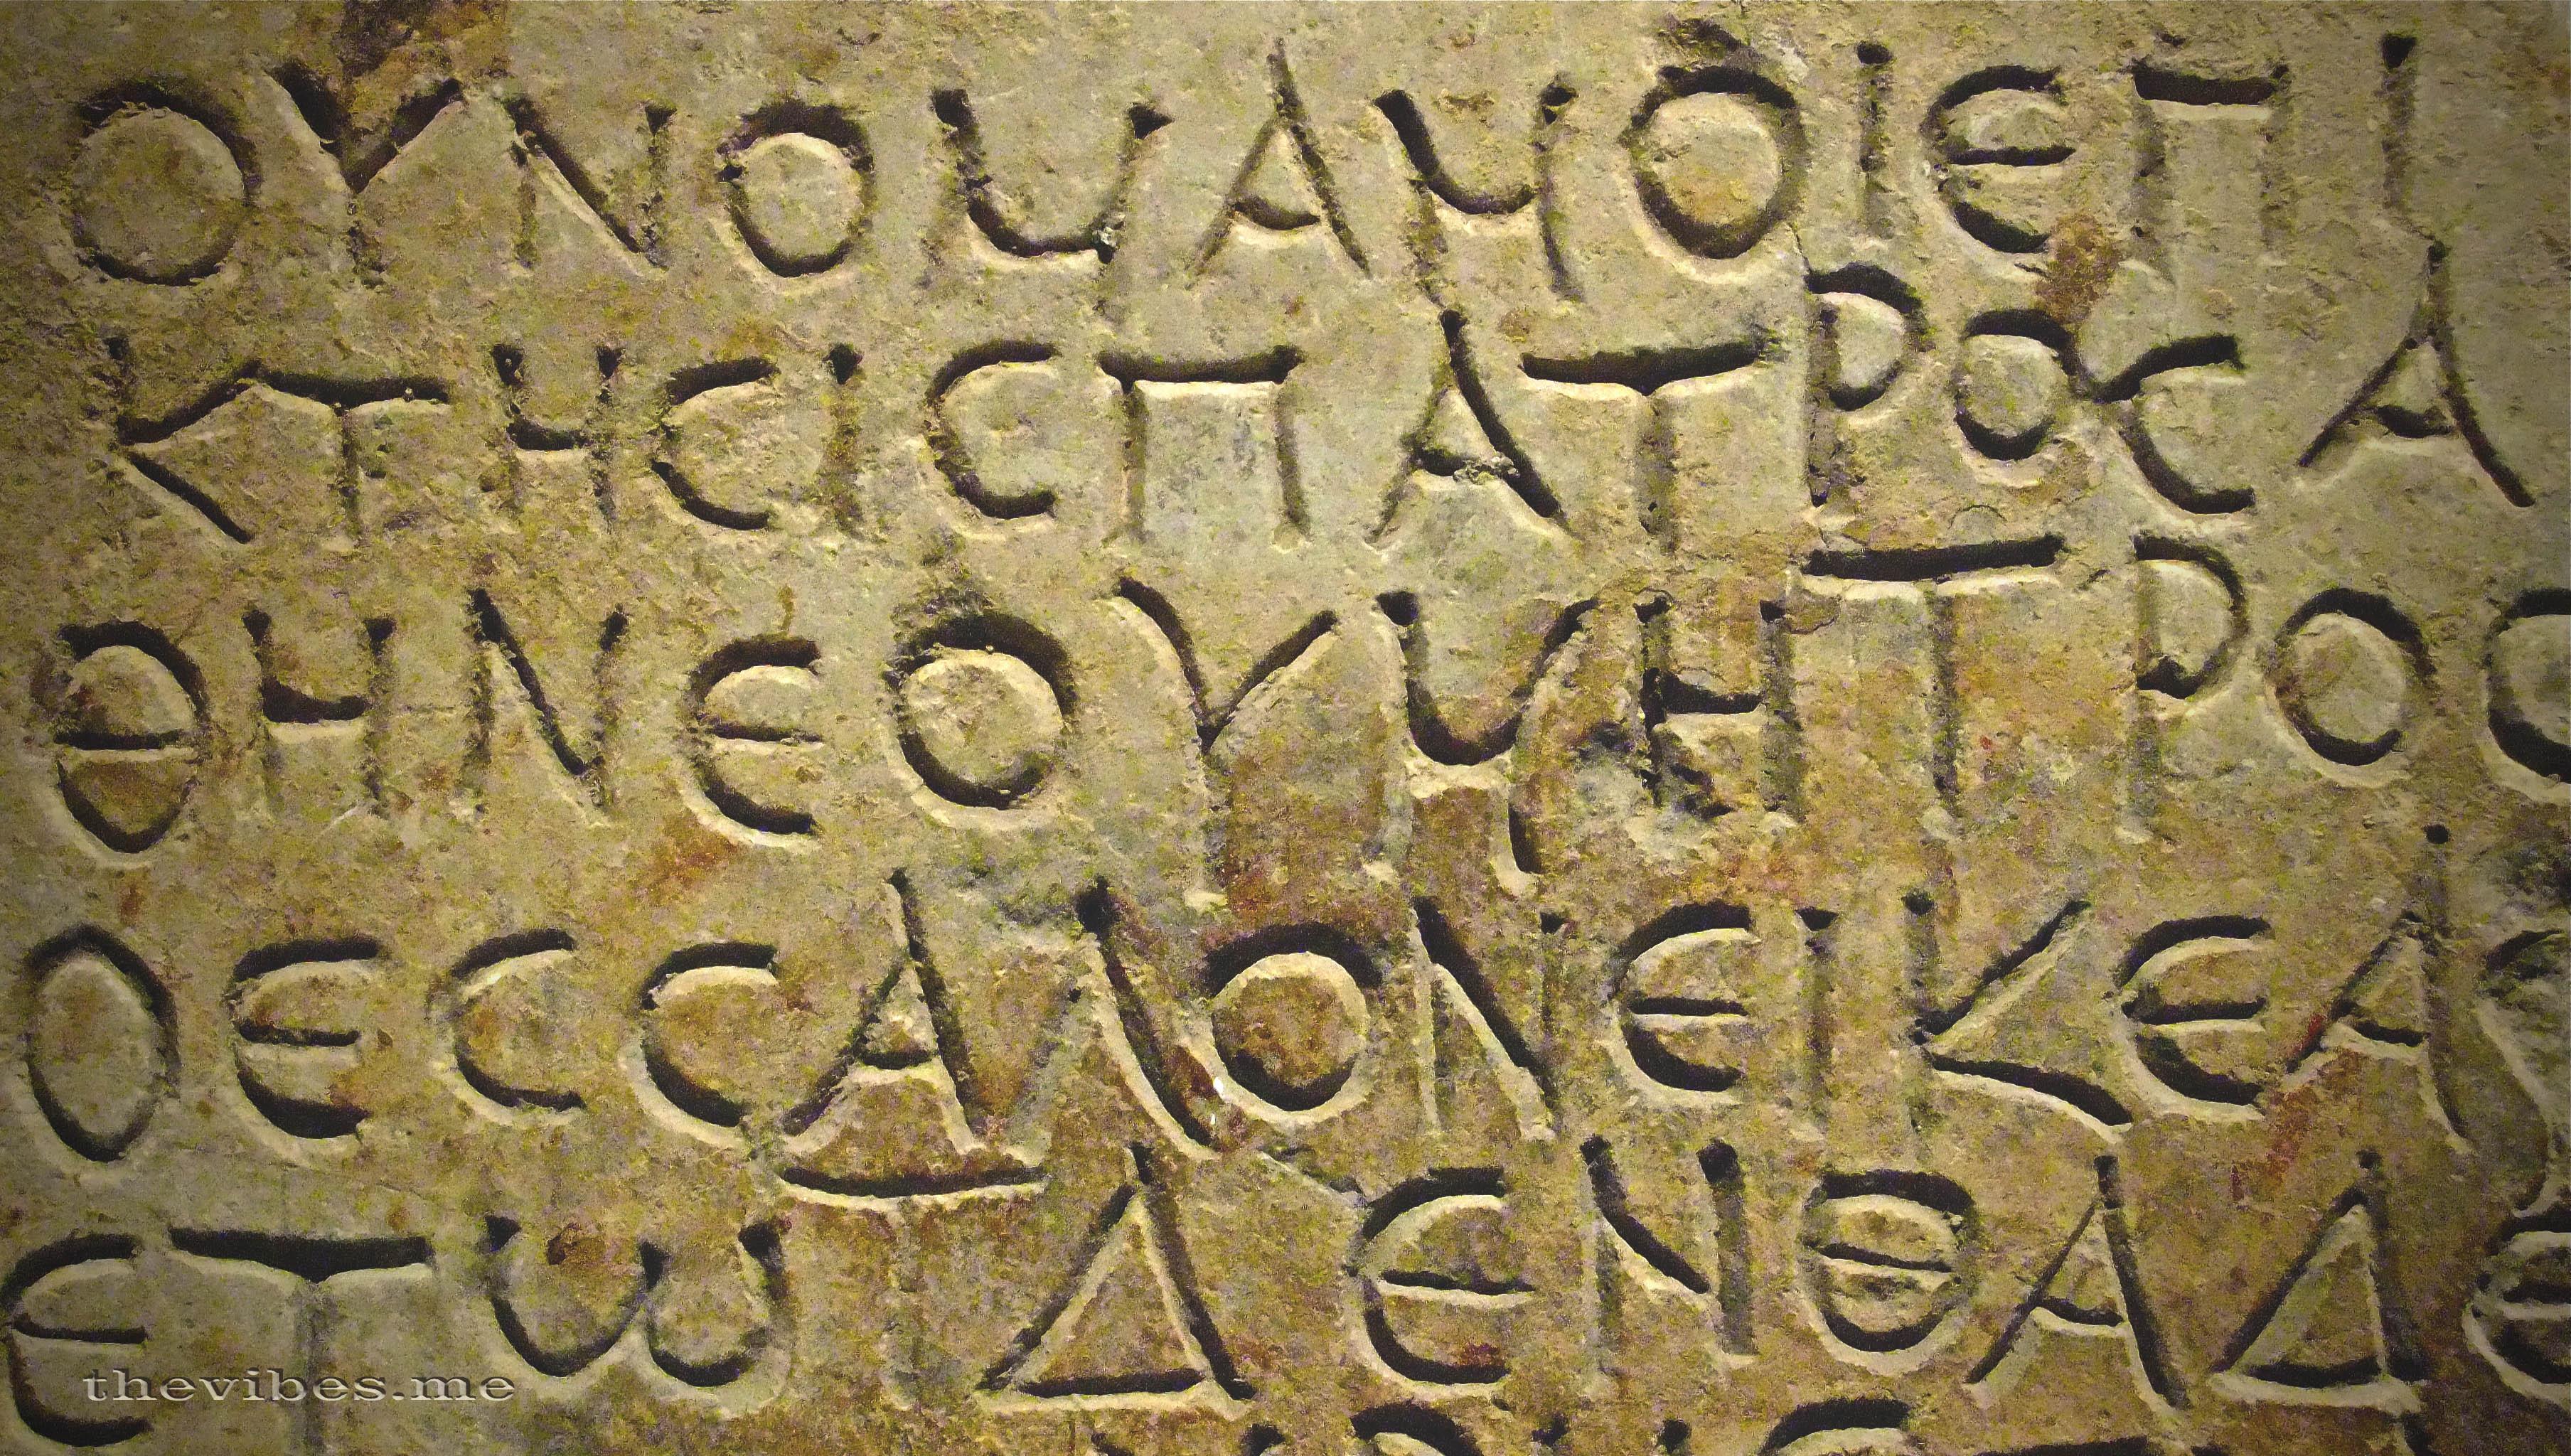 Les dessins de Gromdal - Page 2 Tumblr_static_ancient-greek-inscription